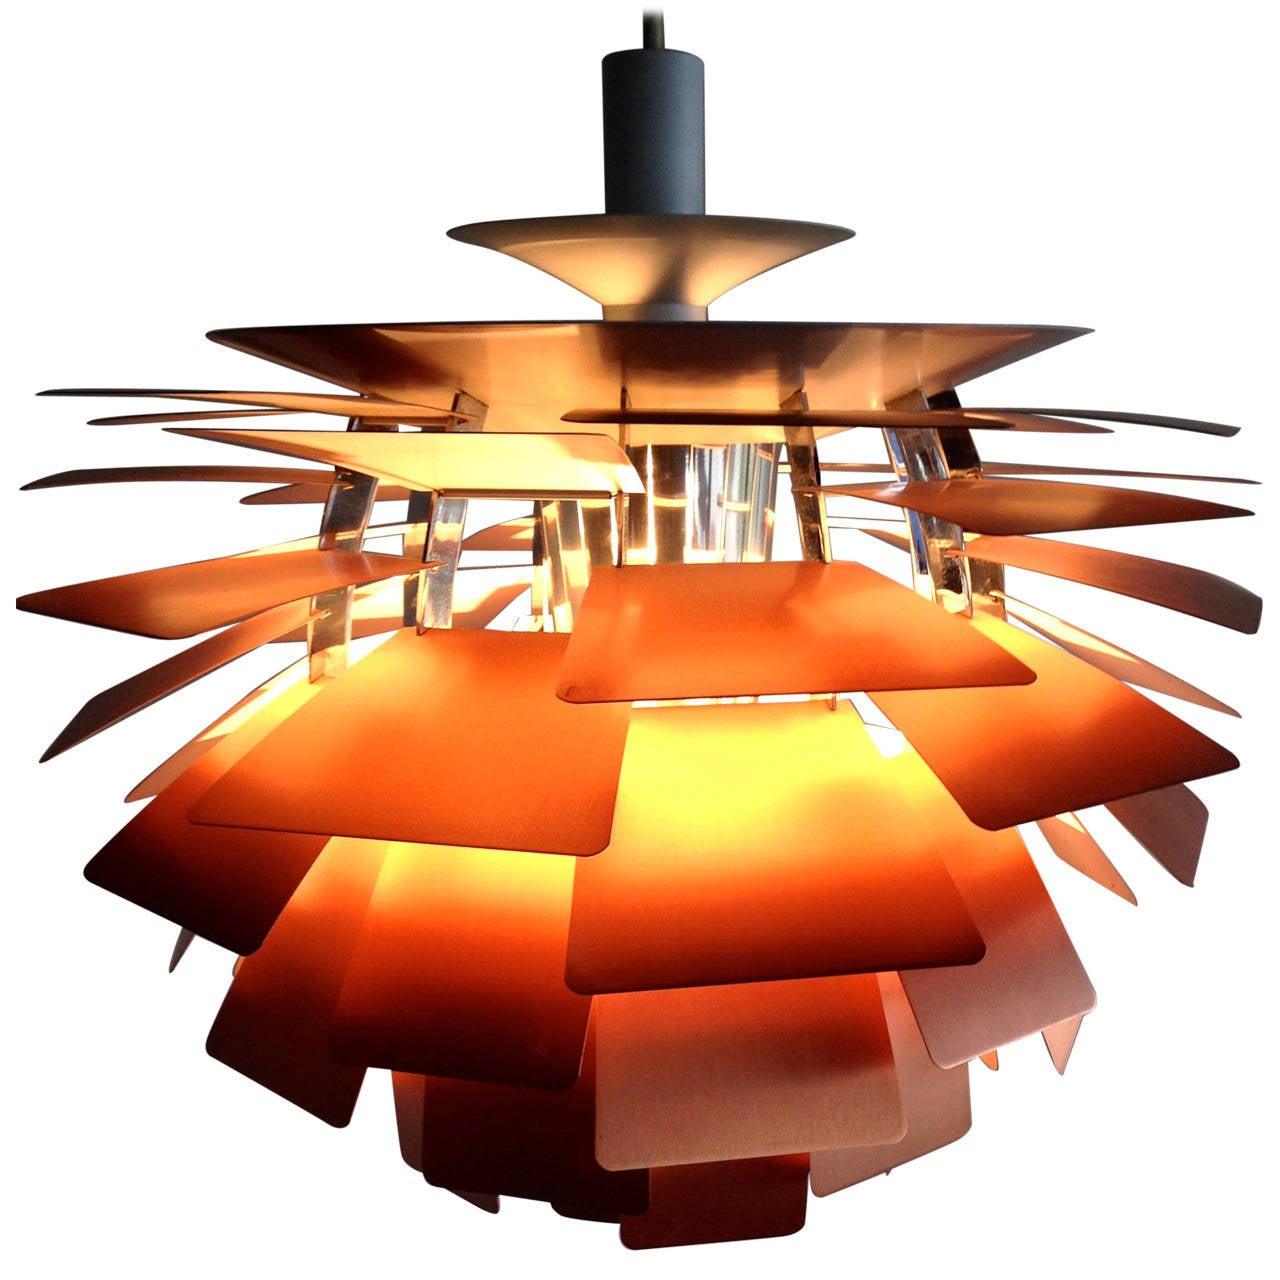 poul henningsen artichoke lamp at 1stdibs. Black Bedroom Furniture Sets. Home Design Ideas